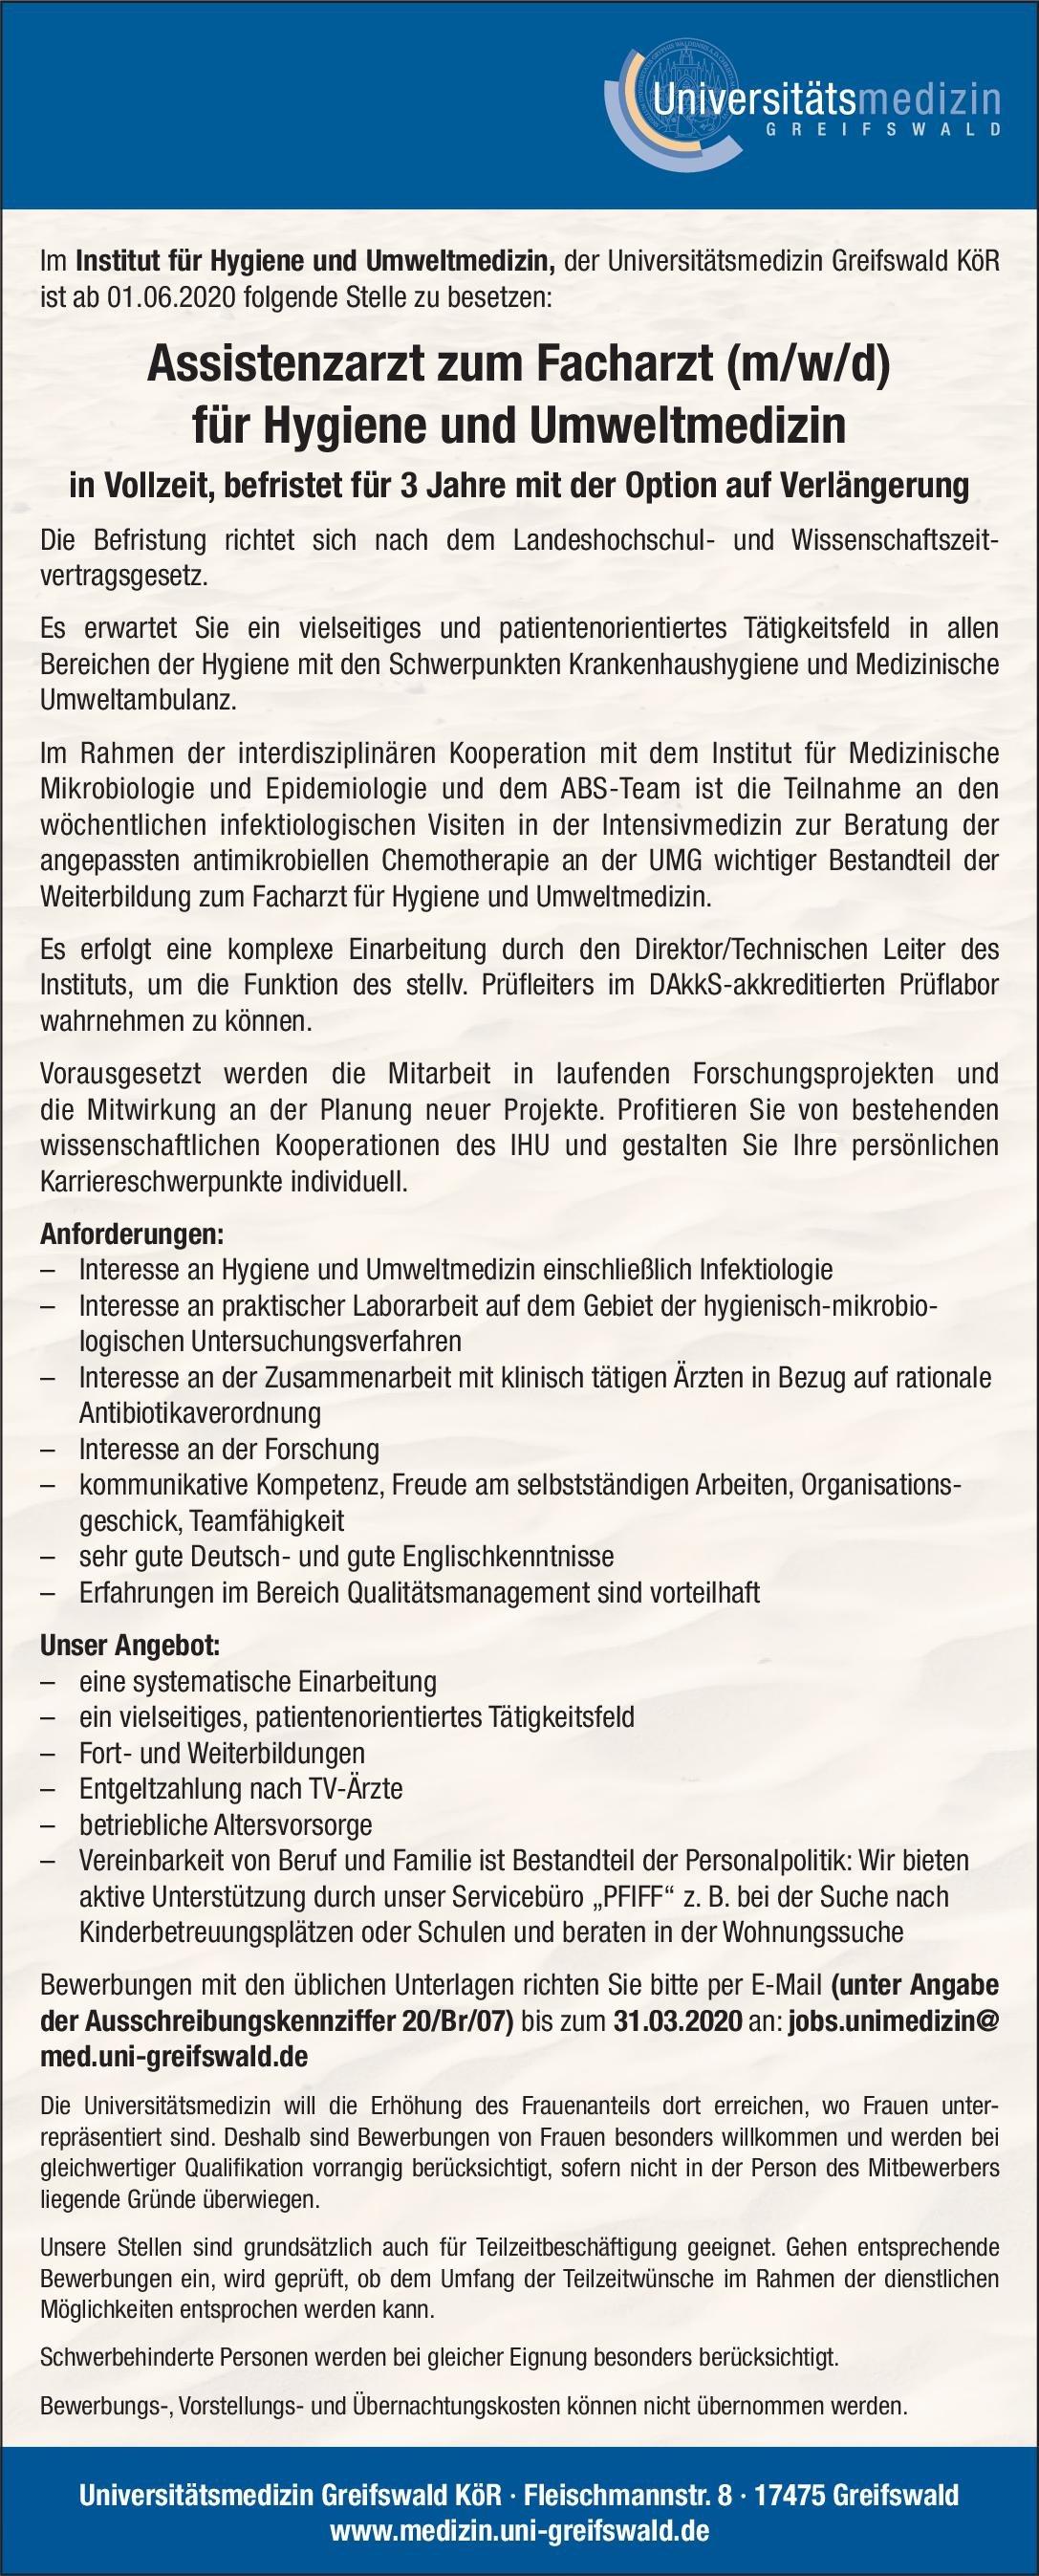 Universitätsmedizin Greifswald KöR Assistenzarzt zum Facharzt (m/w/d) für Hygiene und Umweltmedizin Hygiene- und Umweltmedizin Assistenzarzt / Arzt in Weiterbildung